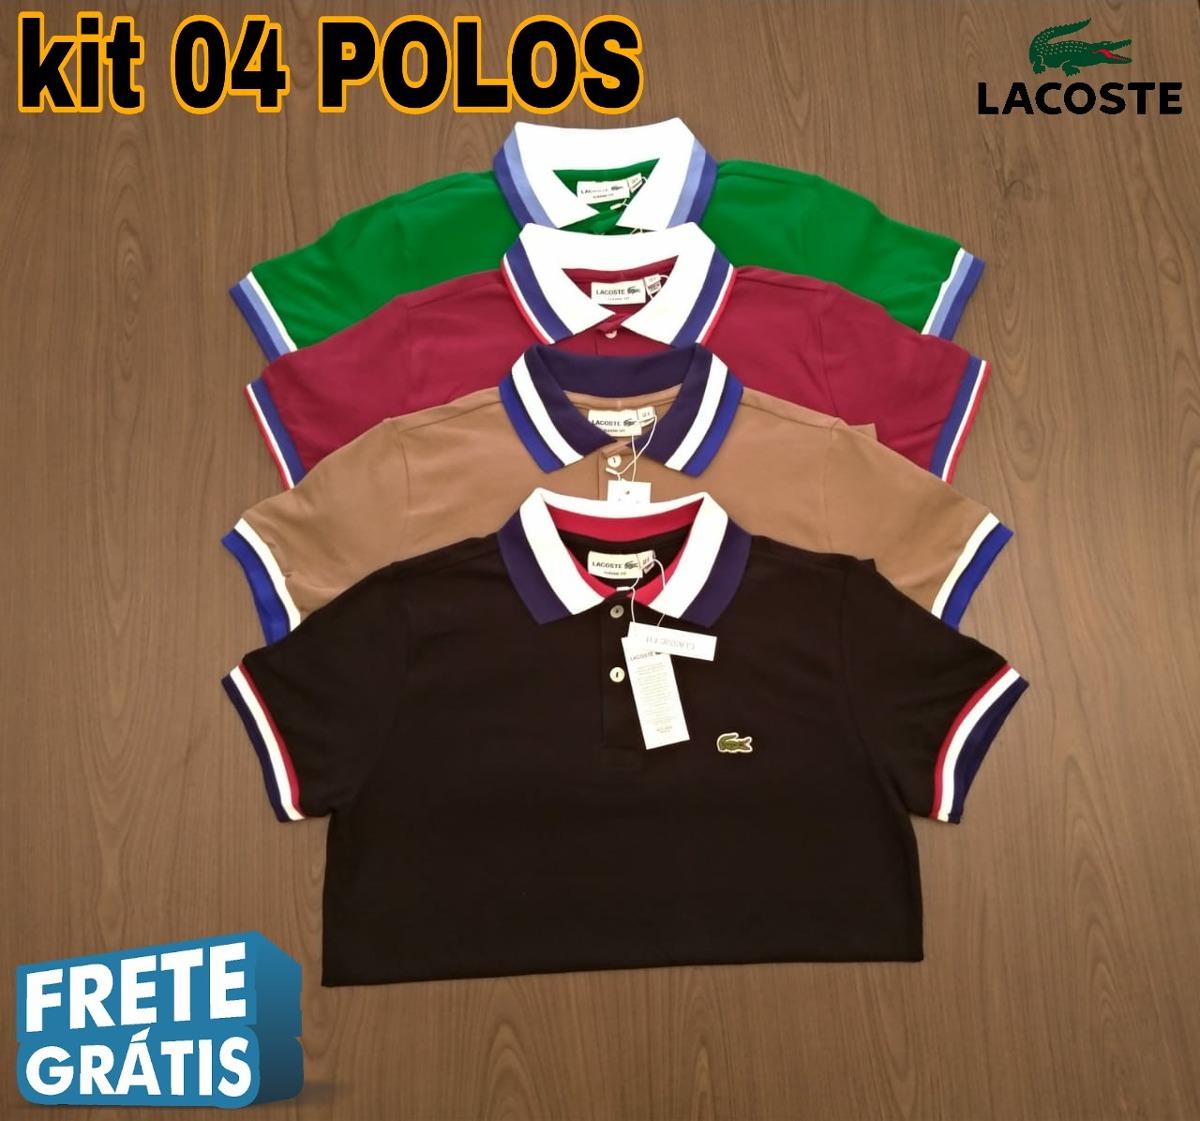 0c6cca62cbc3d Camisa Polo Lacoste Fit Kit De 4 Importadas Peruanas - R  316,00 em ...